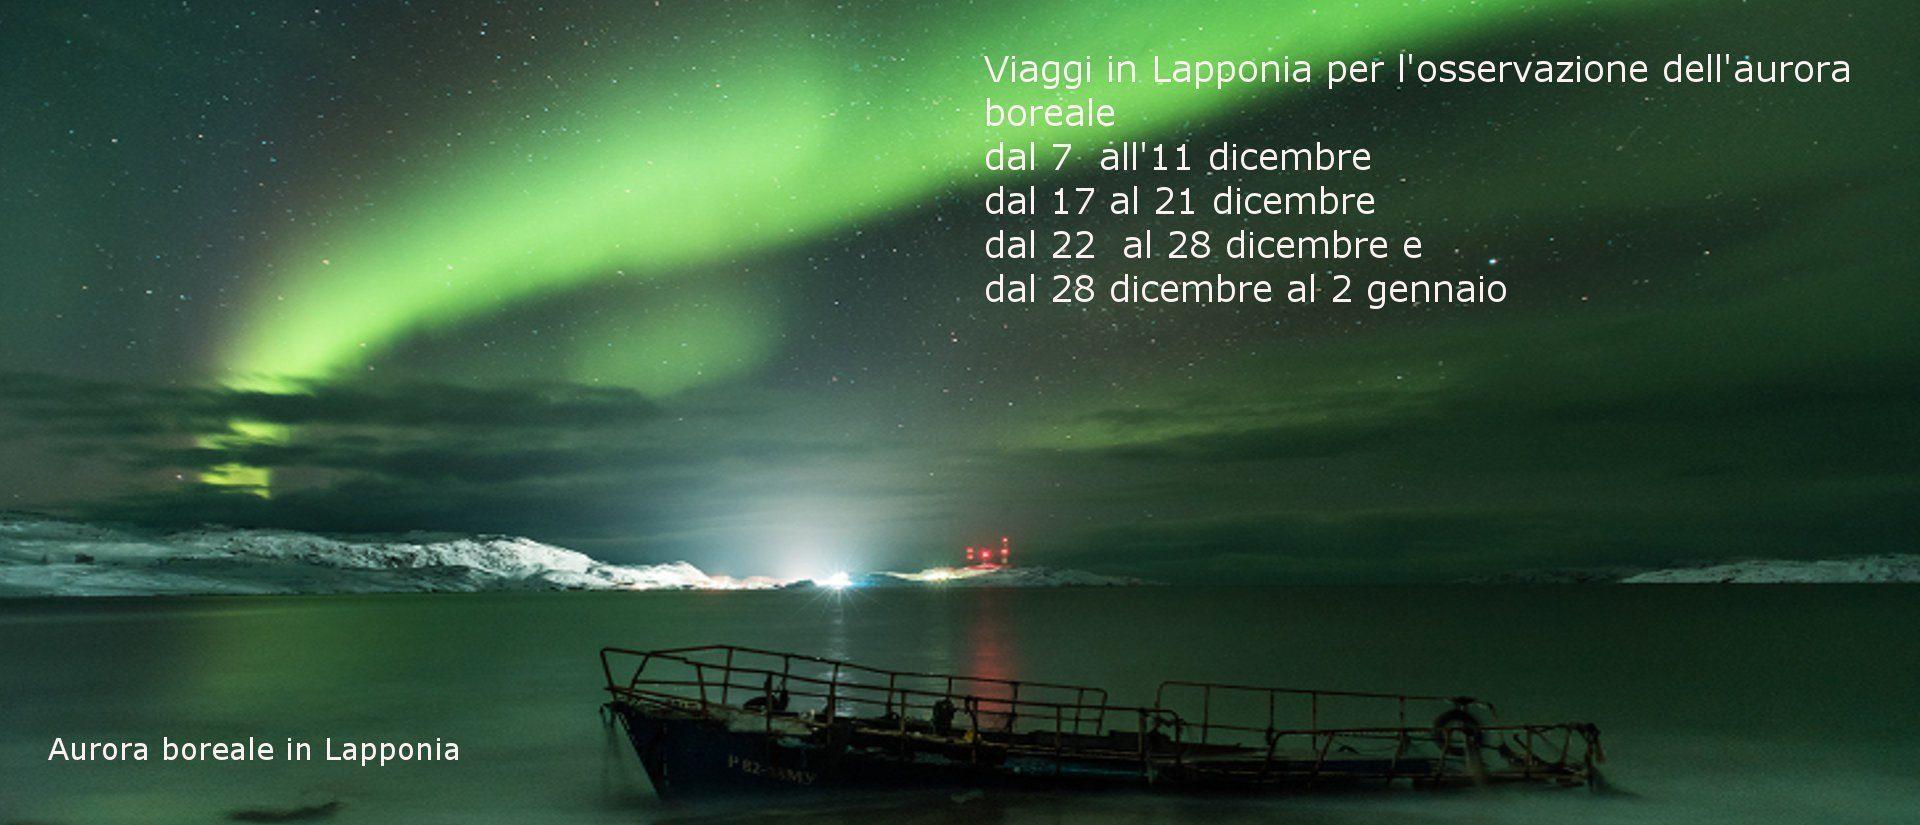 Viaggio in Lapponia per osservazione aurora boreale